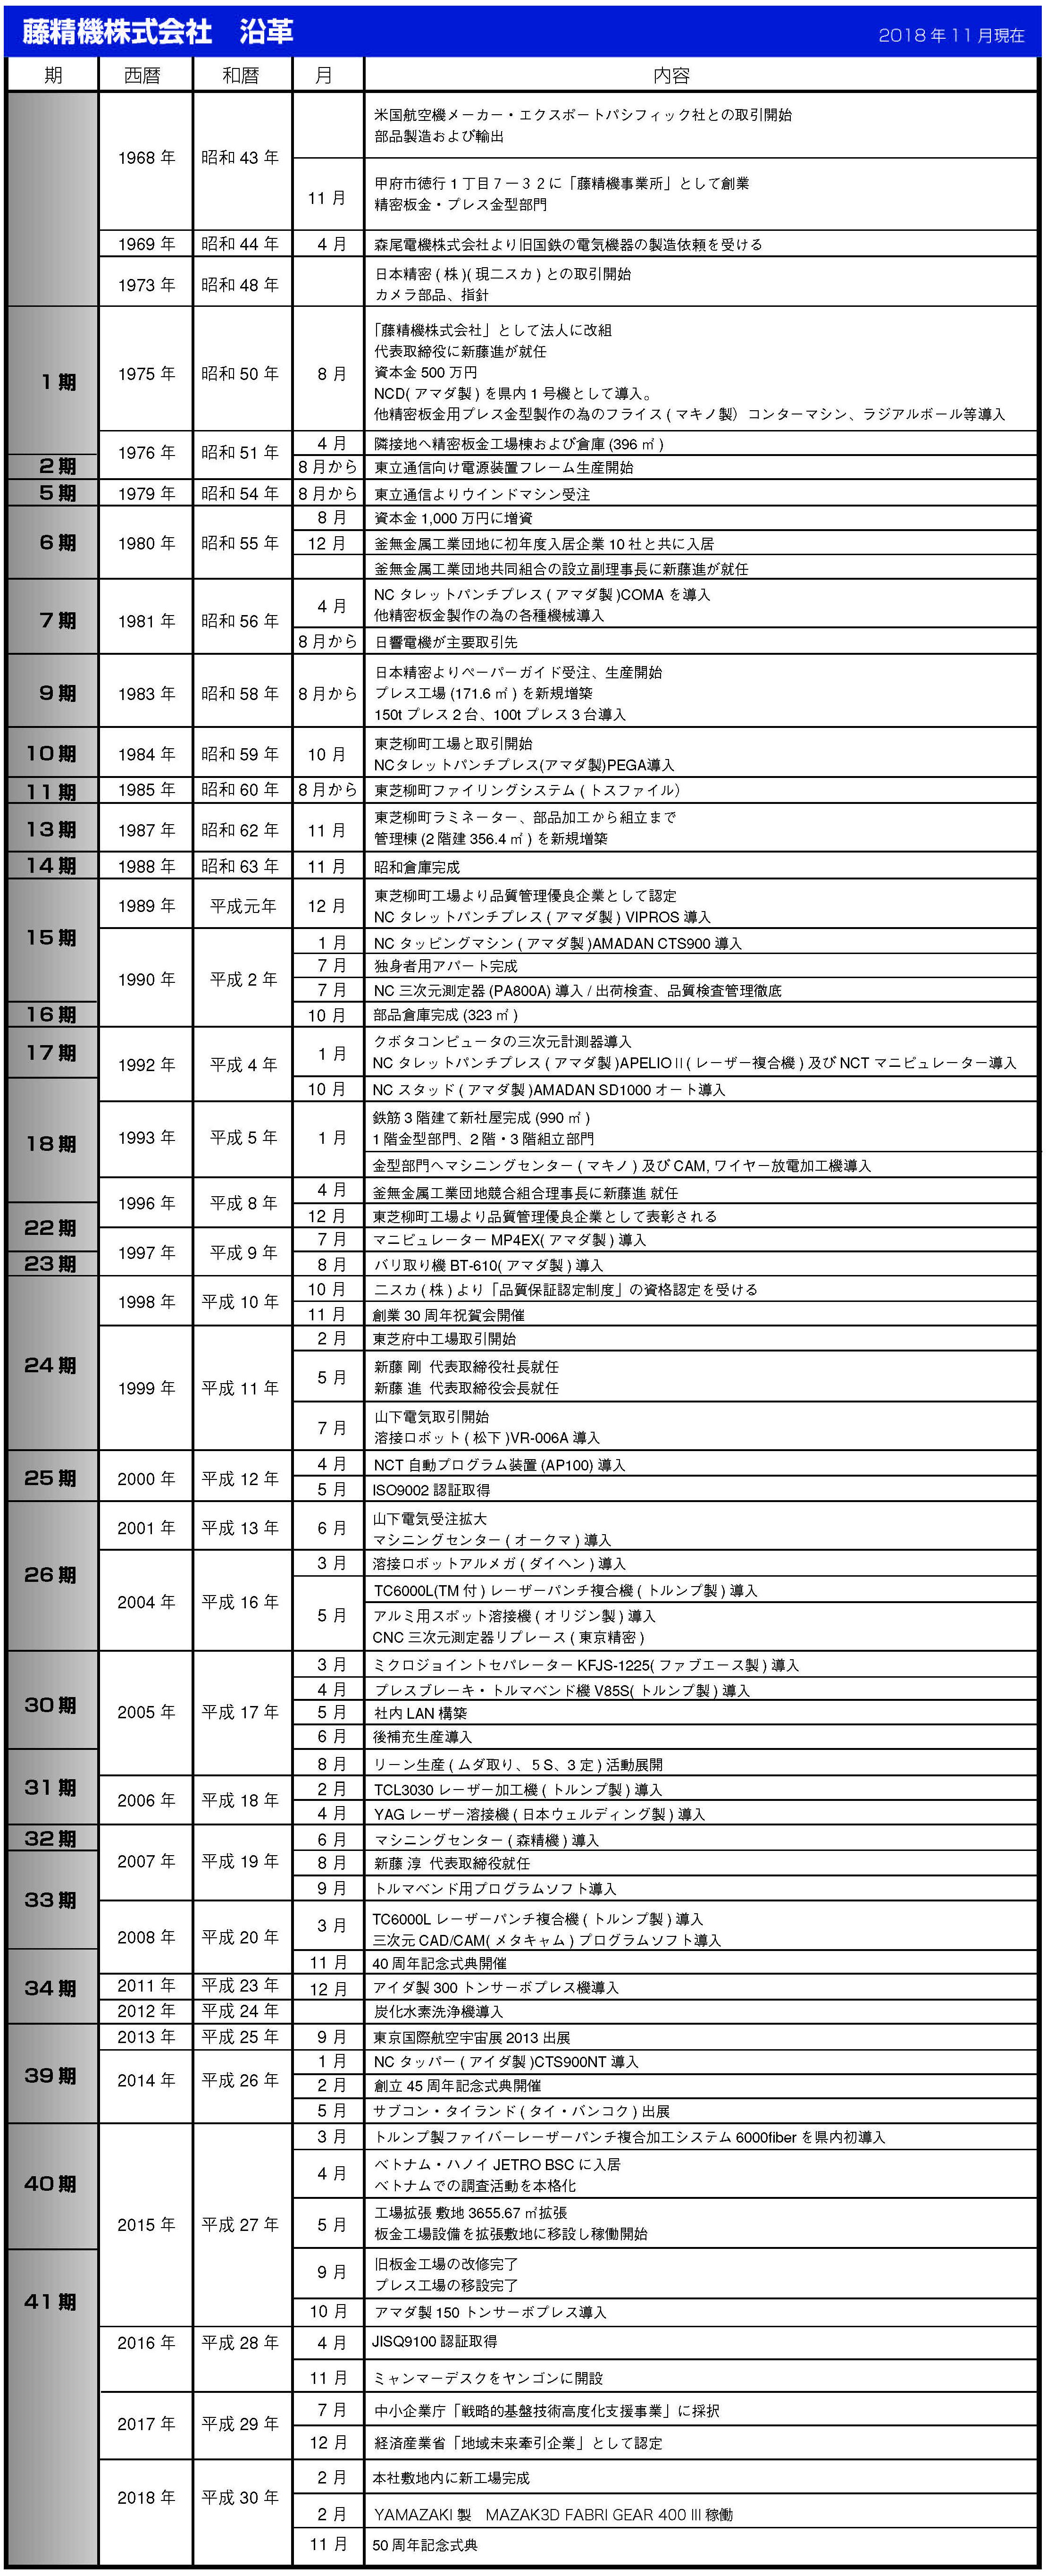 2018藤精機社歴